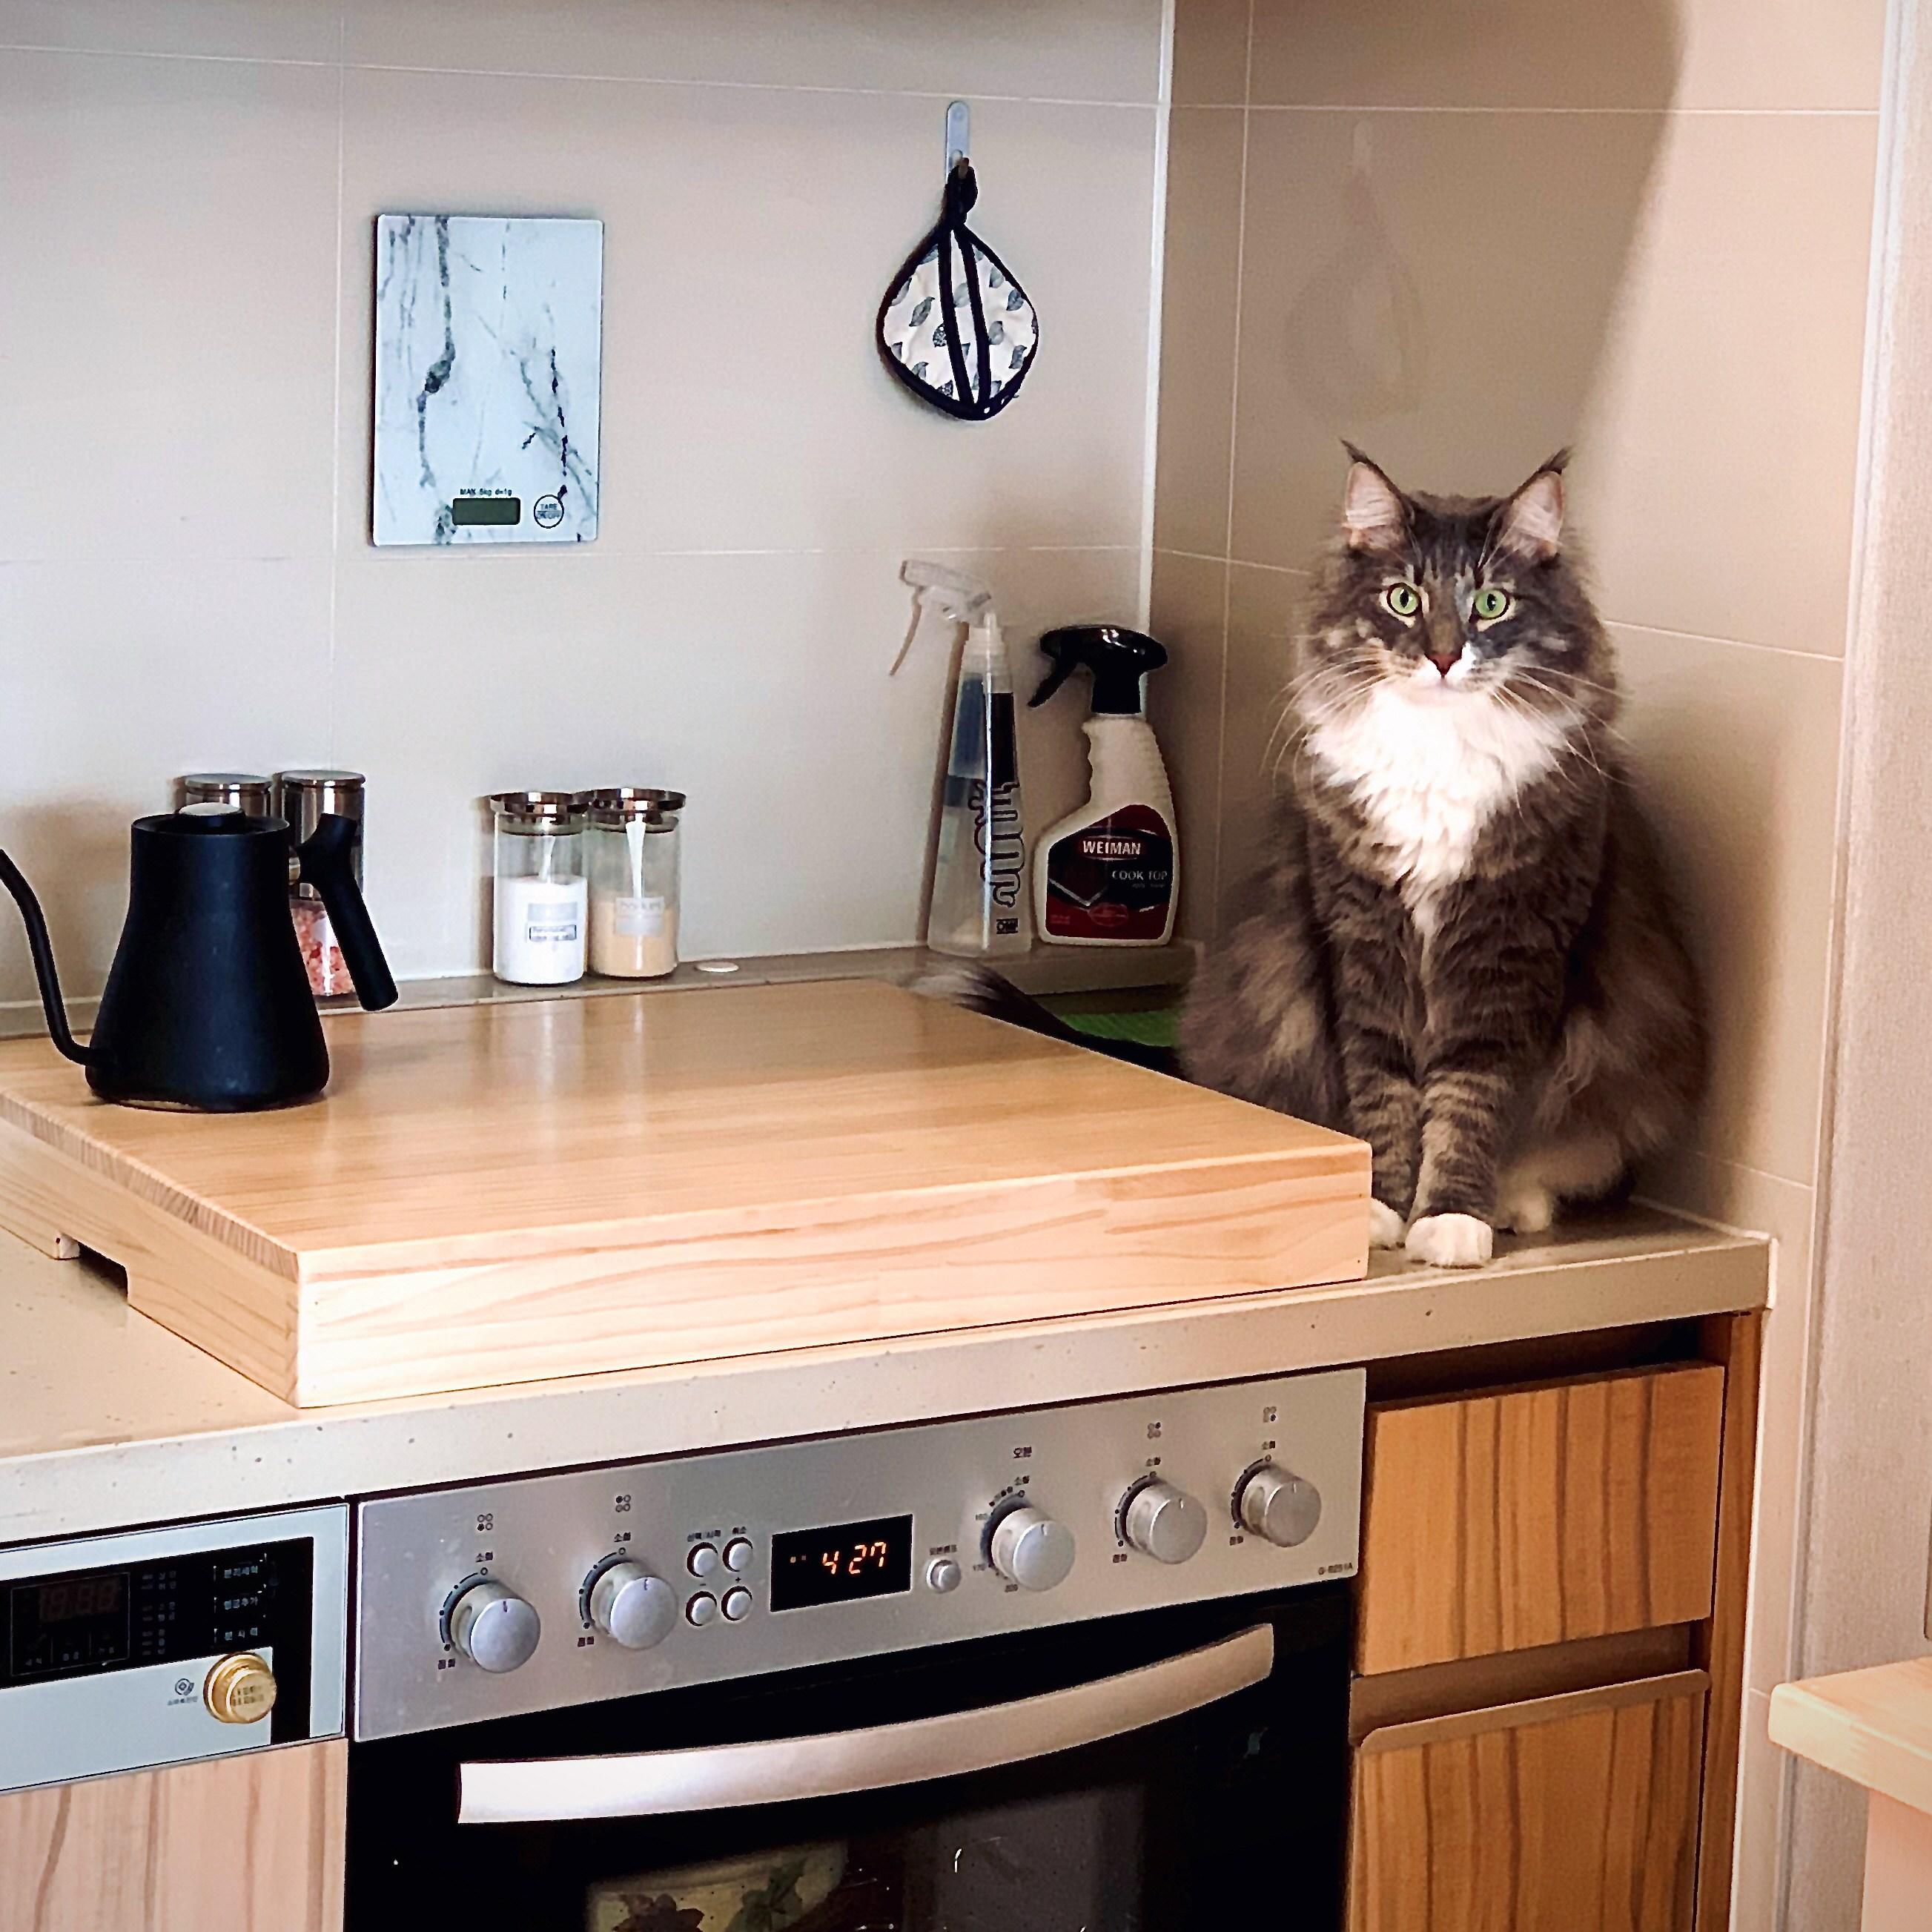 선우산업 원목 인덕션 덮개 - 전기레인지 고양이 누름방지 -맞춤주문제작, 60x52x10